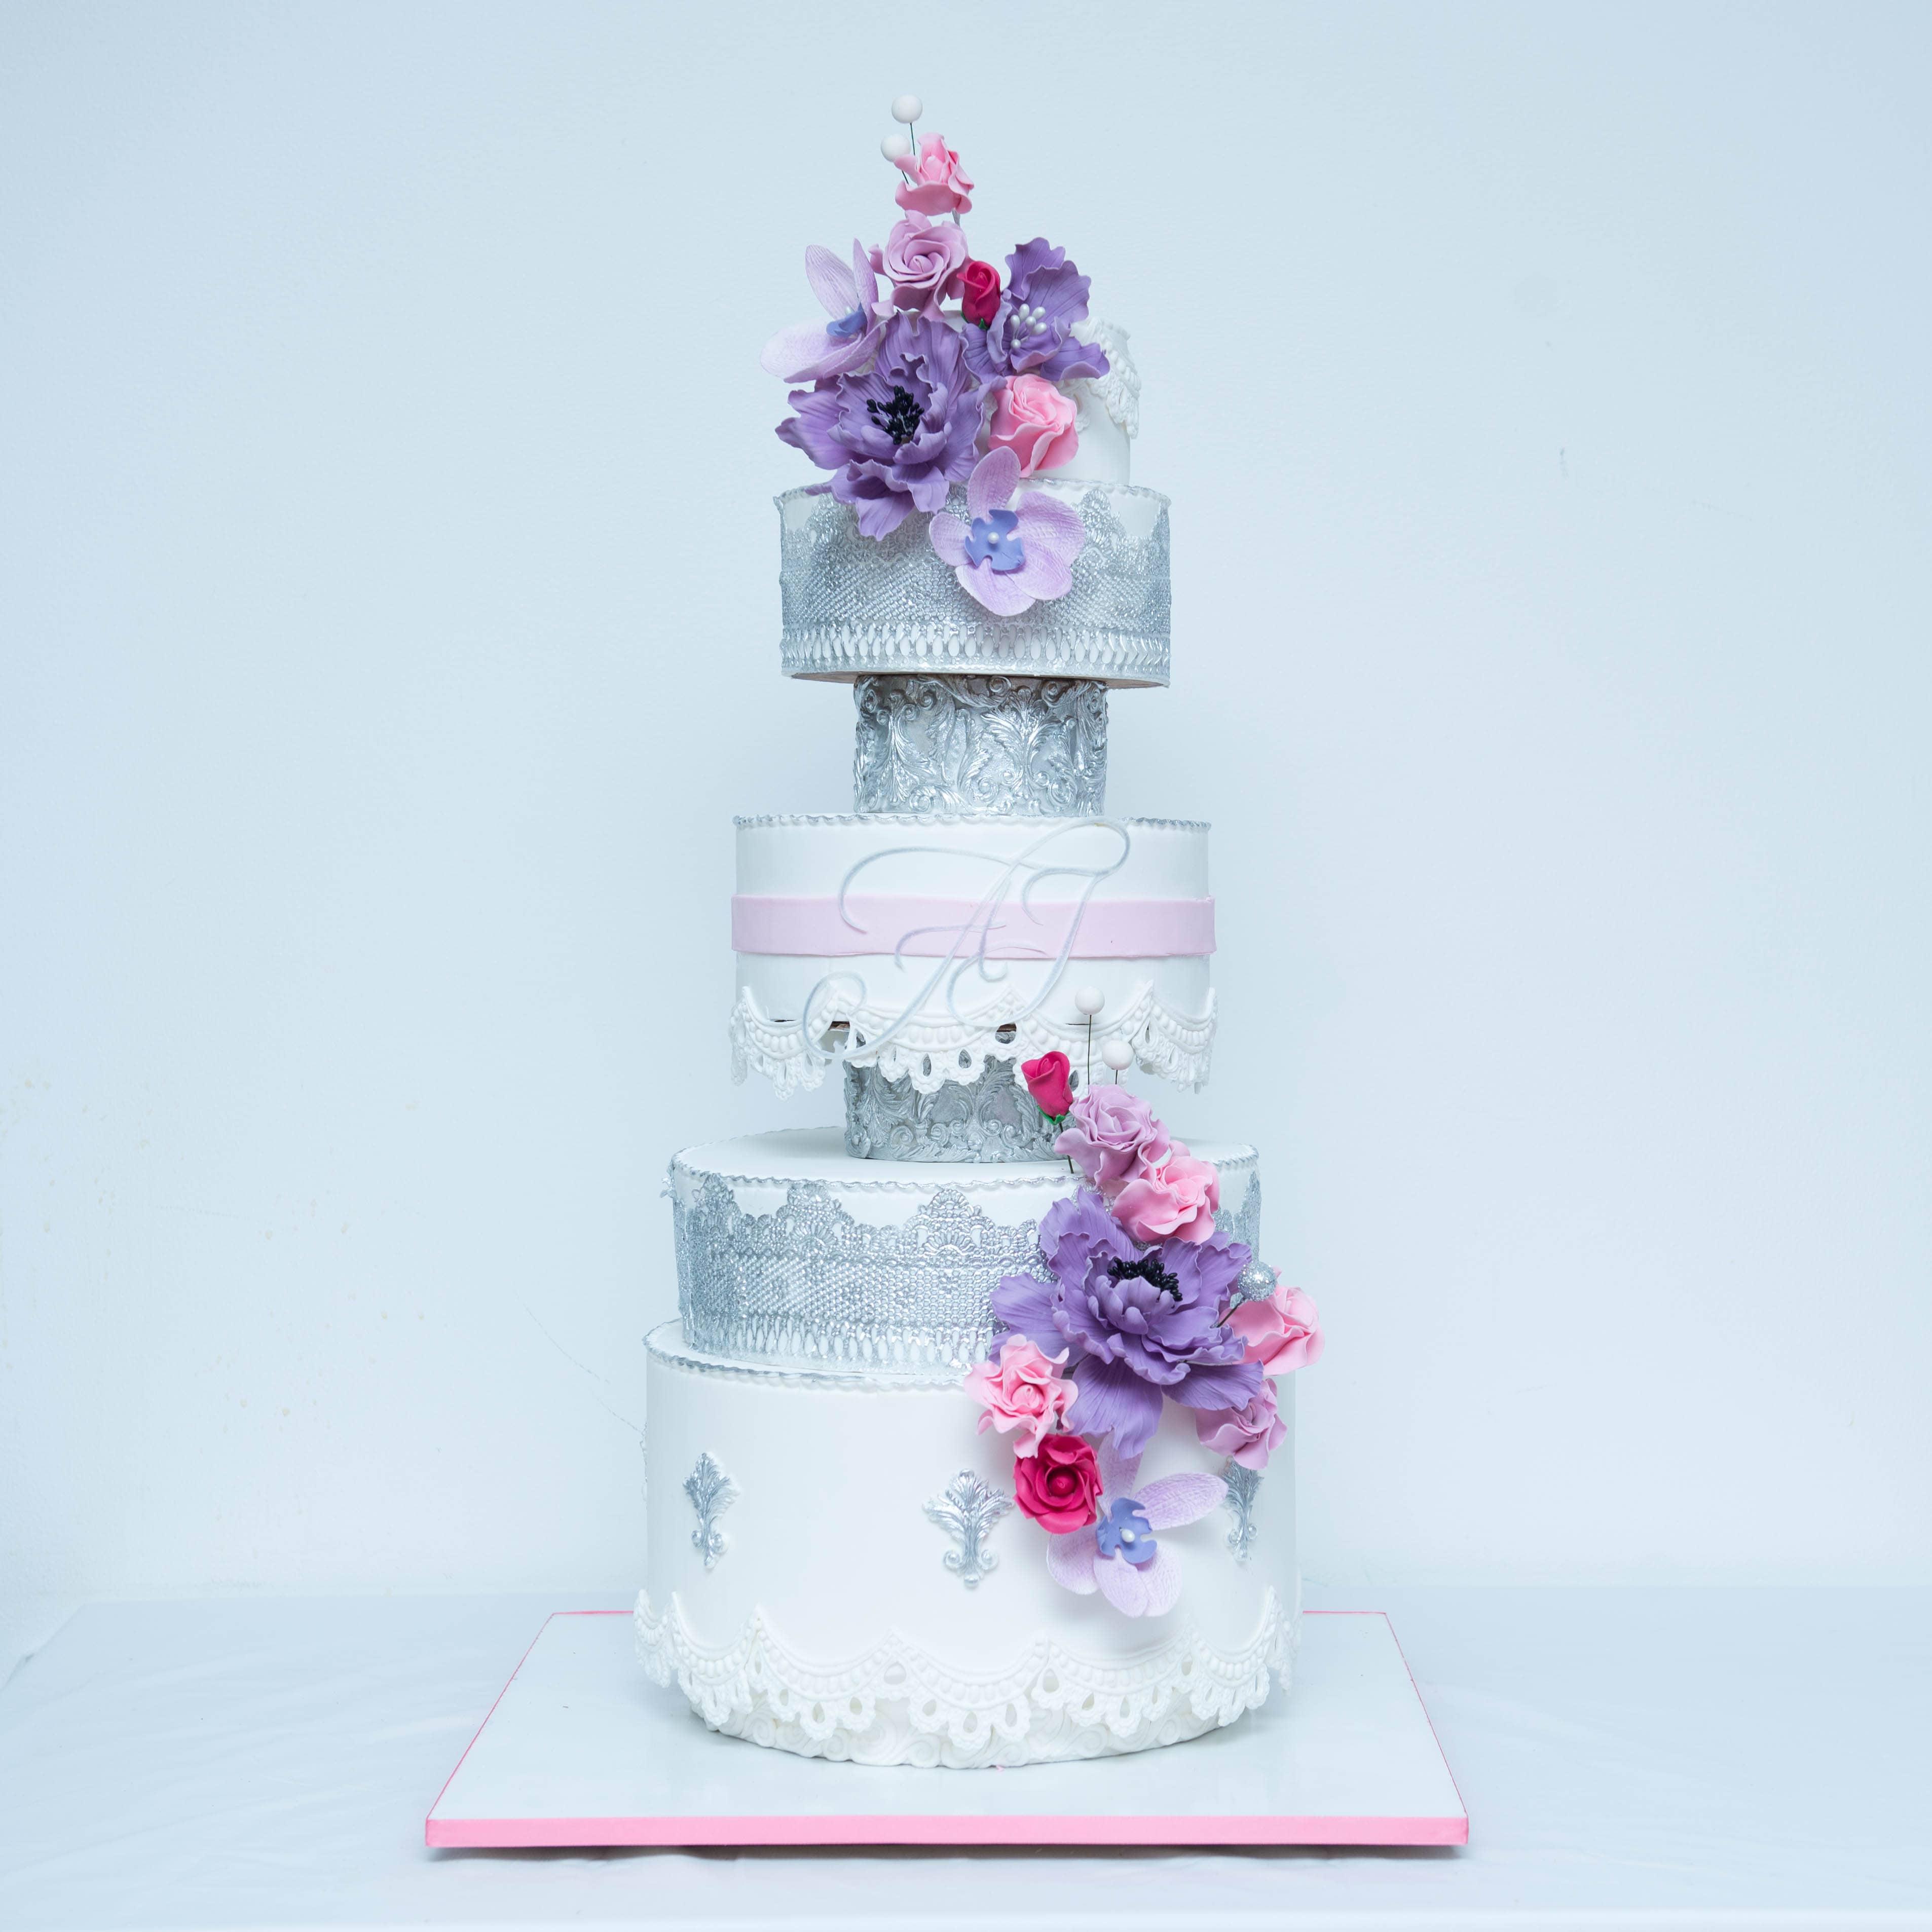 Silver Baroque themed wedding cake